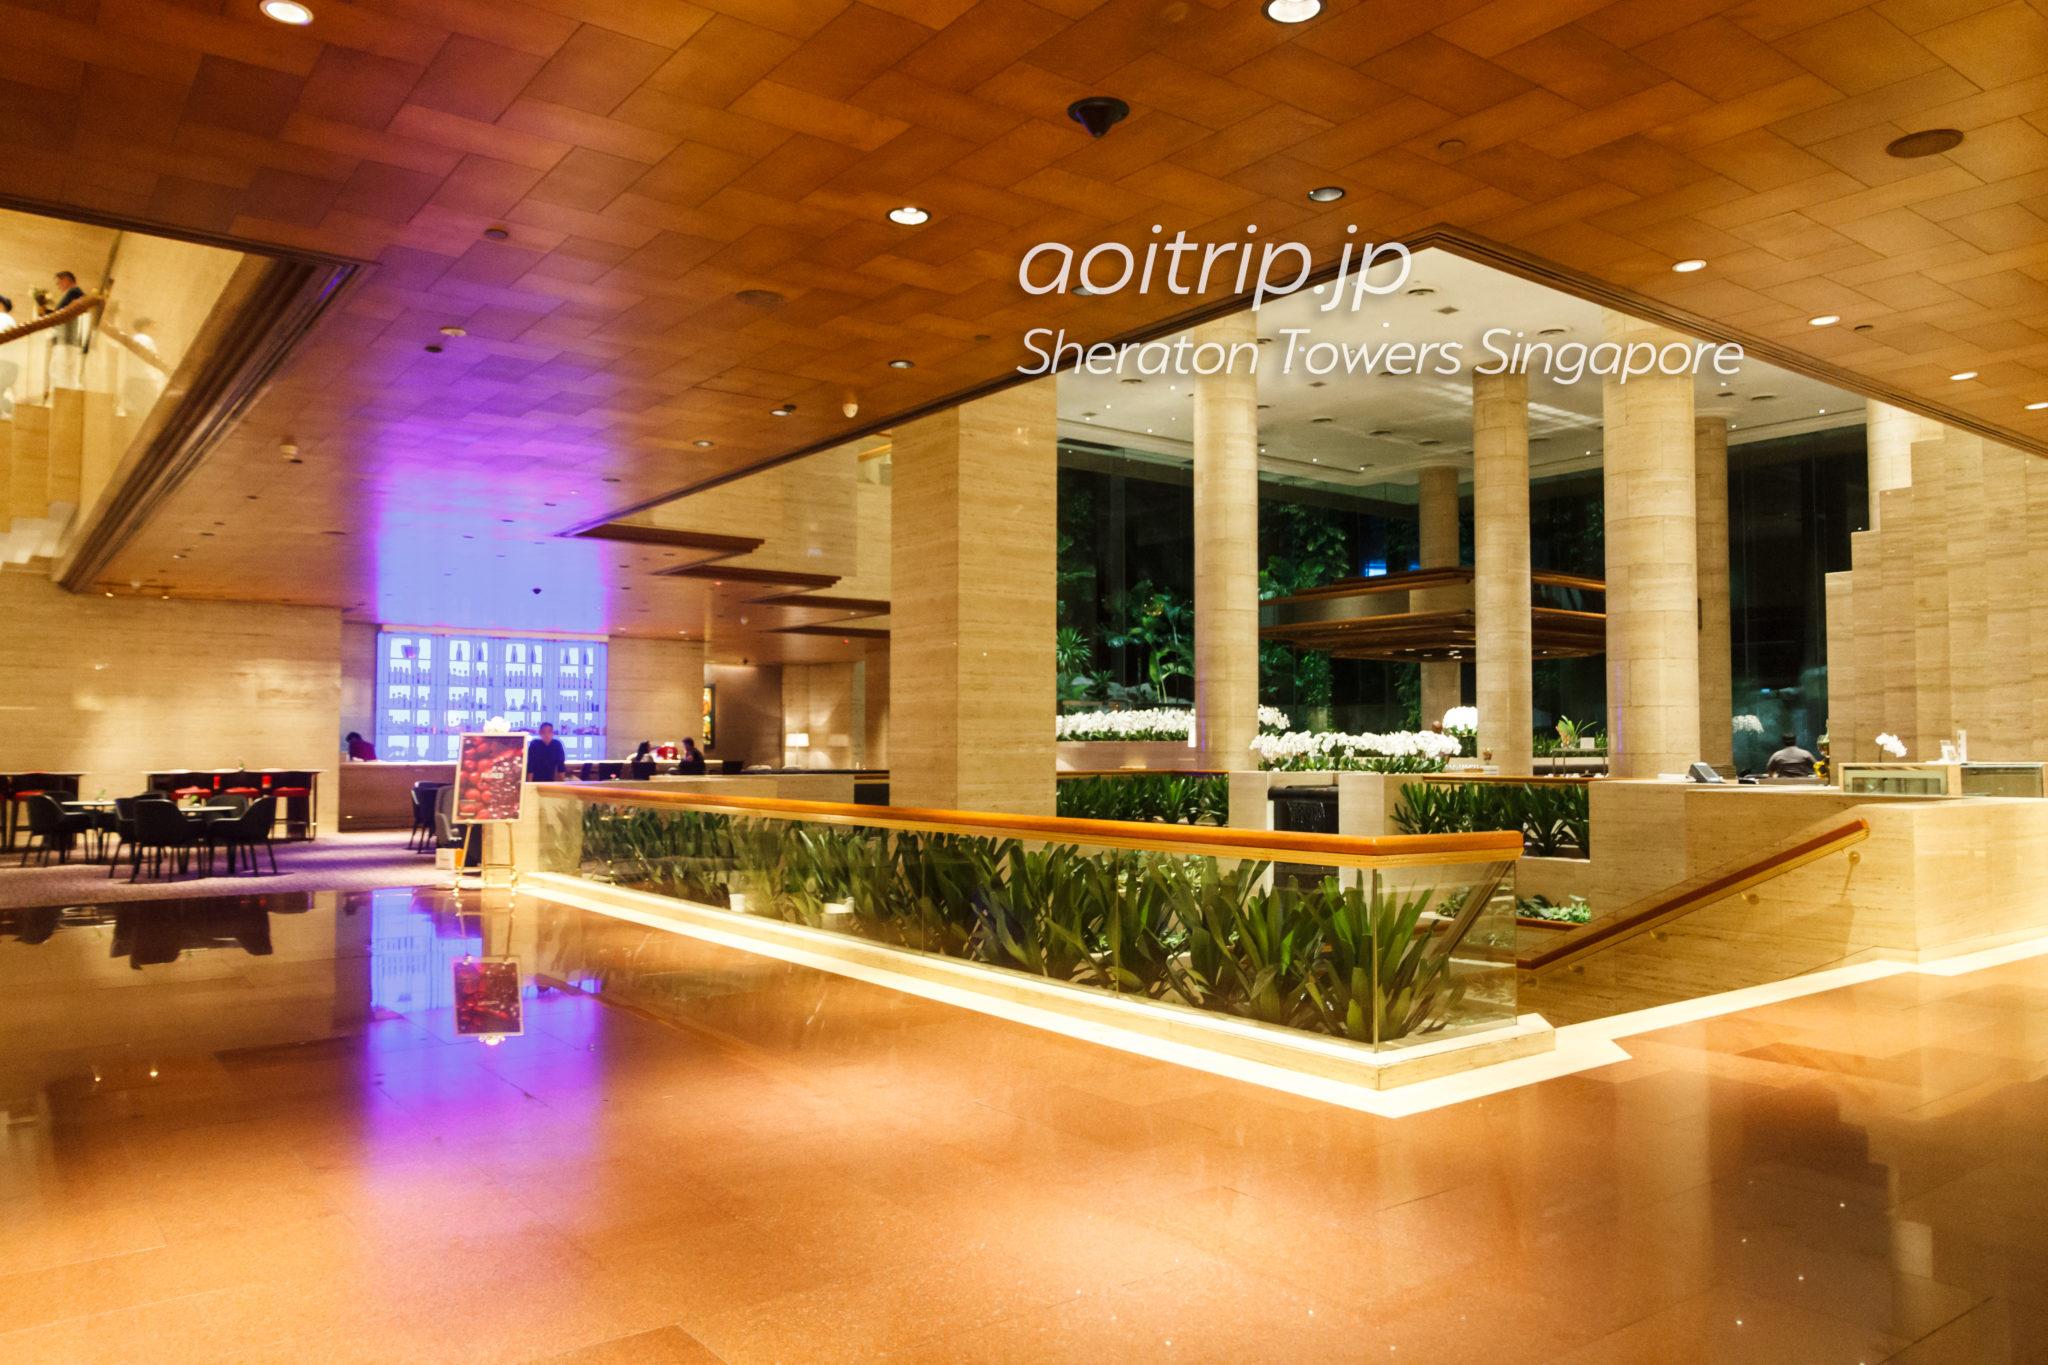 シェラトンタワーズシンガポールのホテルロビー